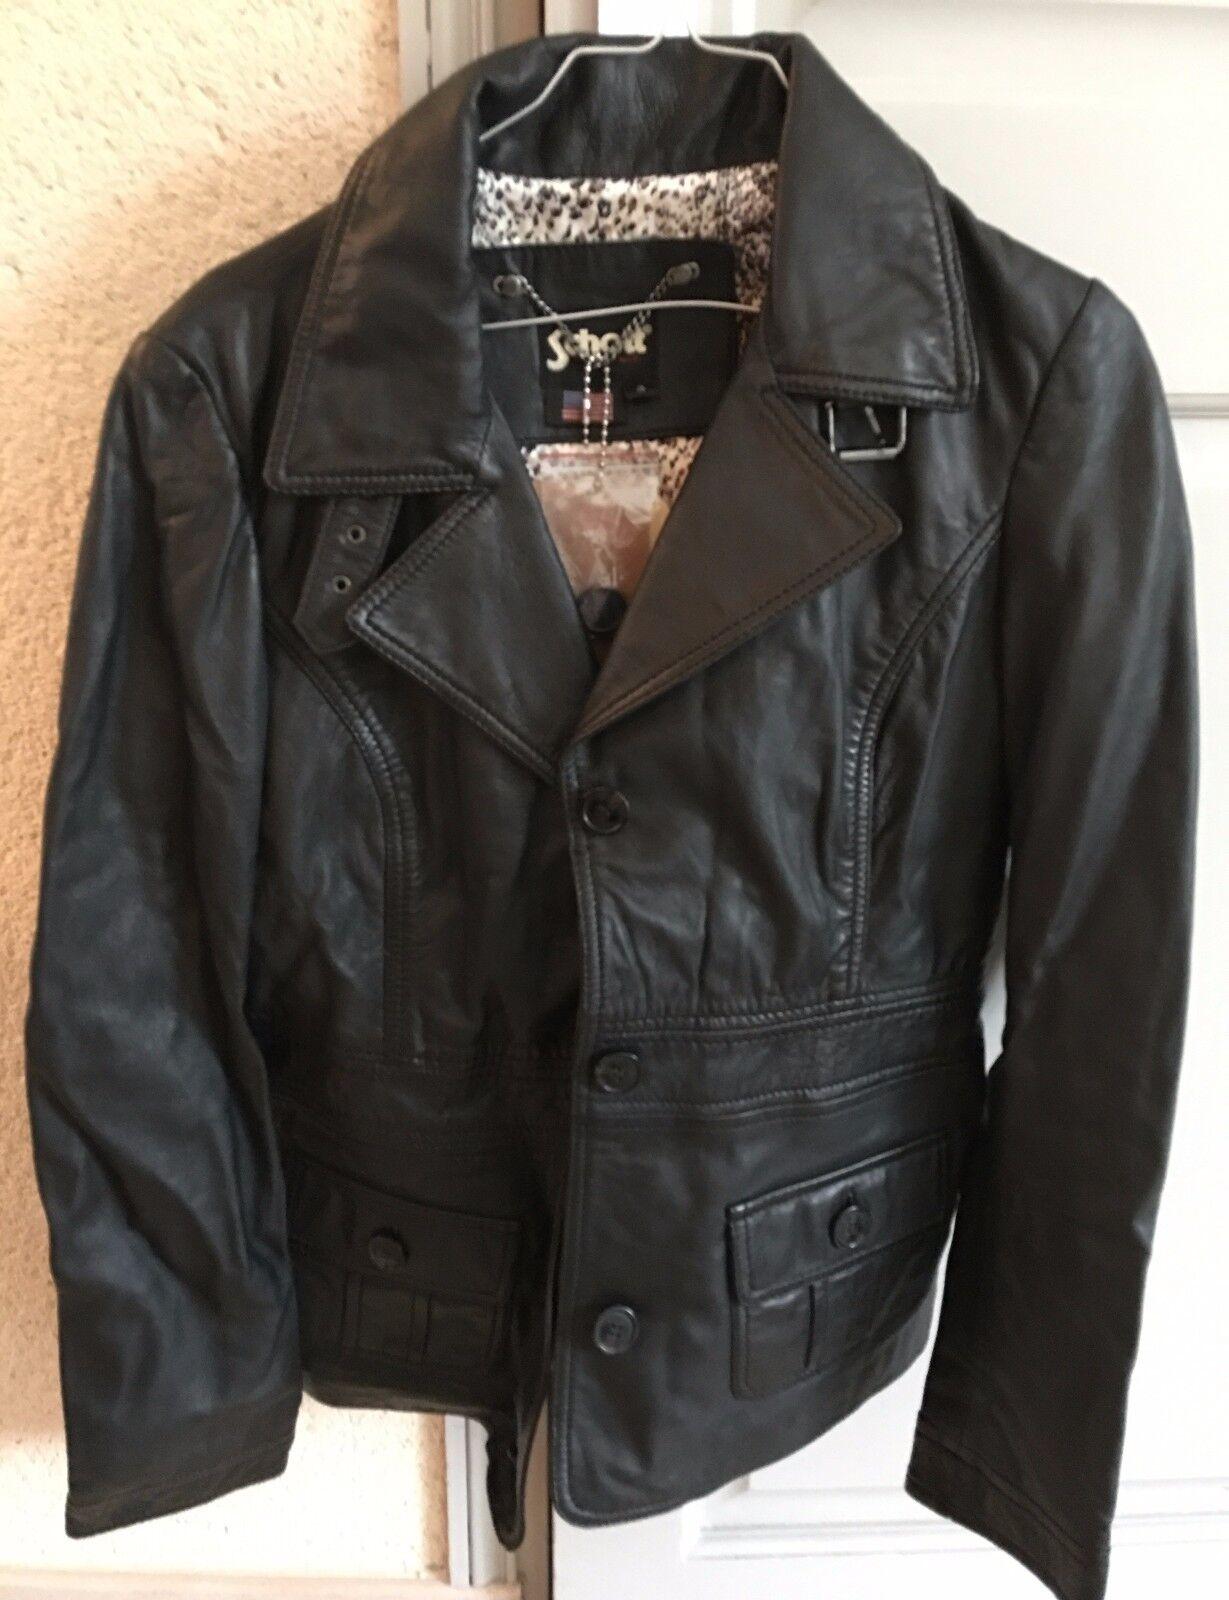 Veste Femme cuir black Schott Modèle Neuve avec étiquettes size S Exp gratuite